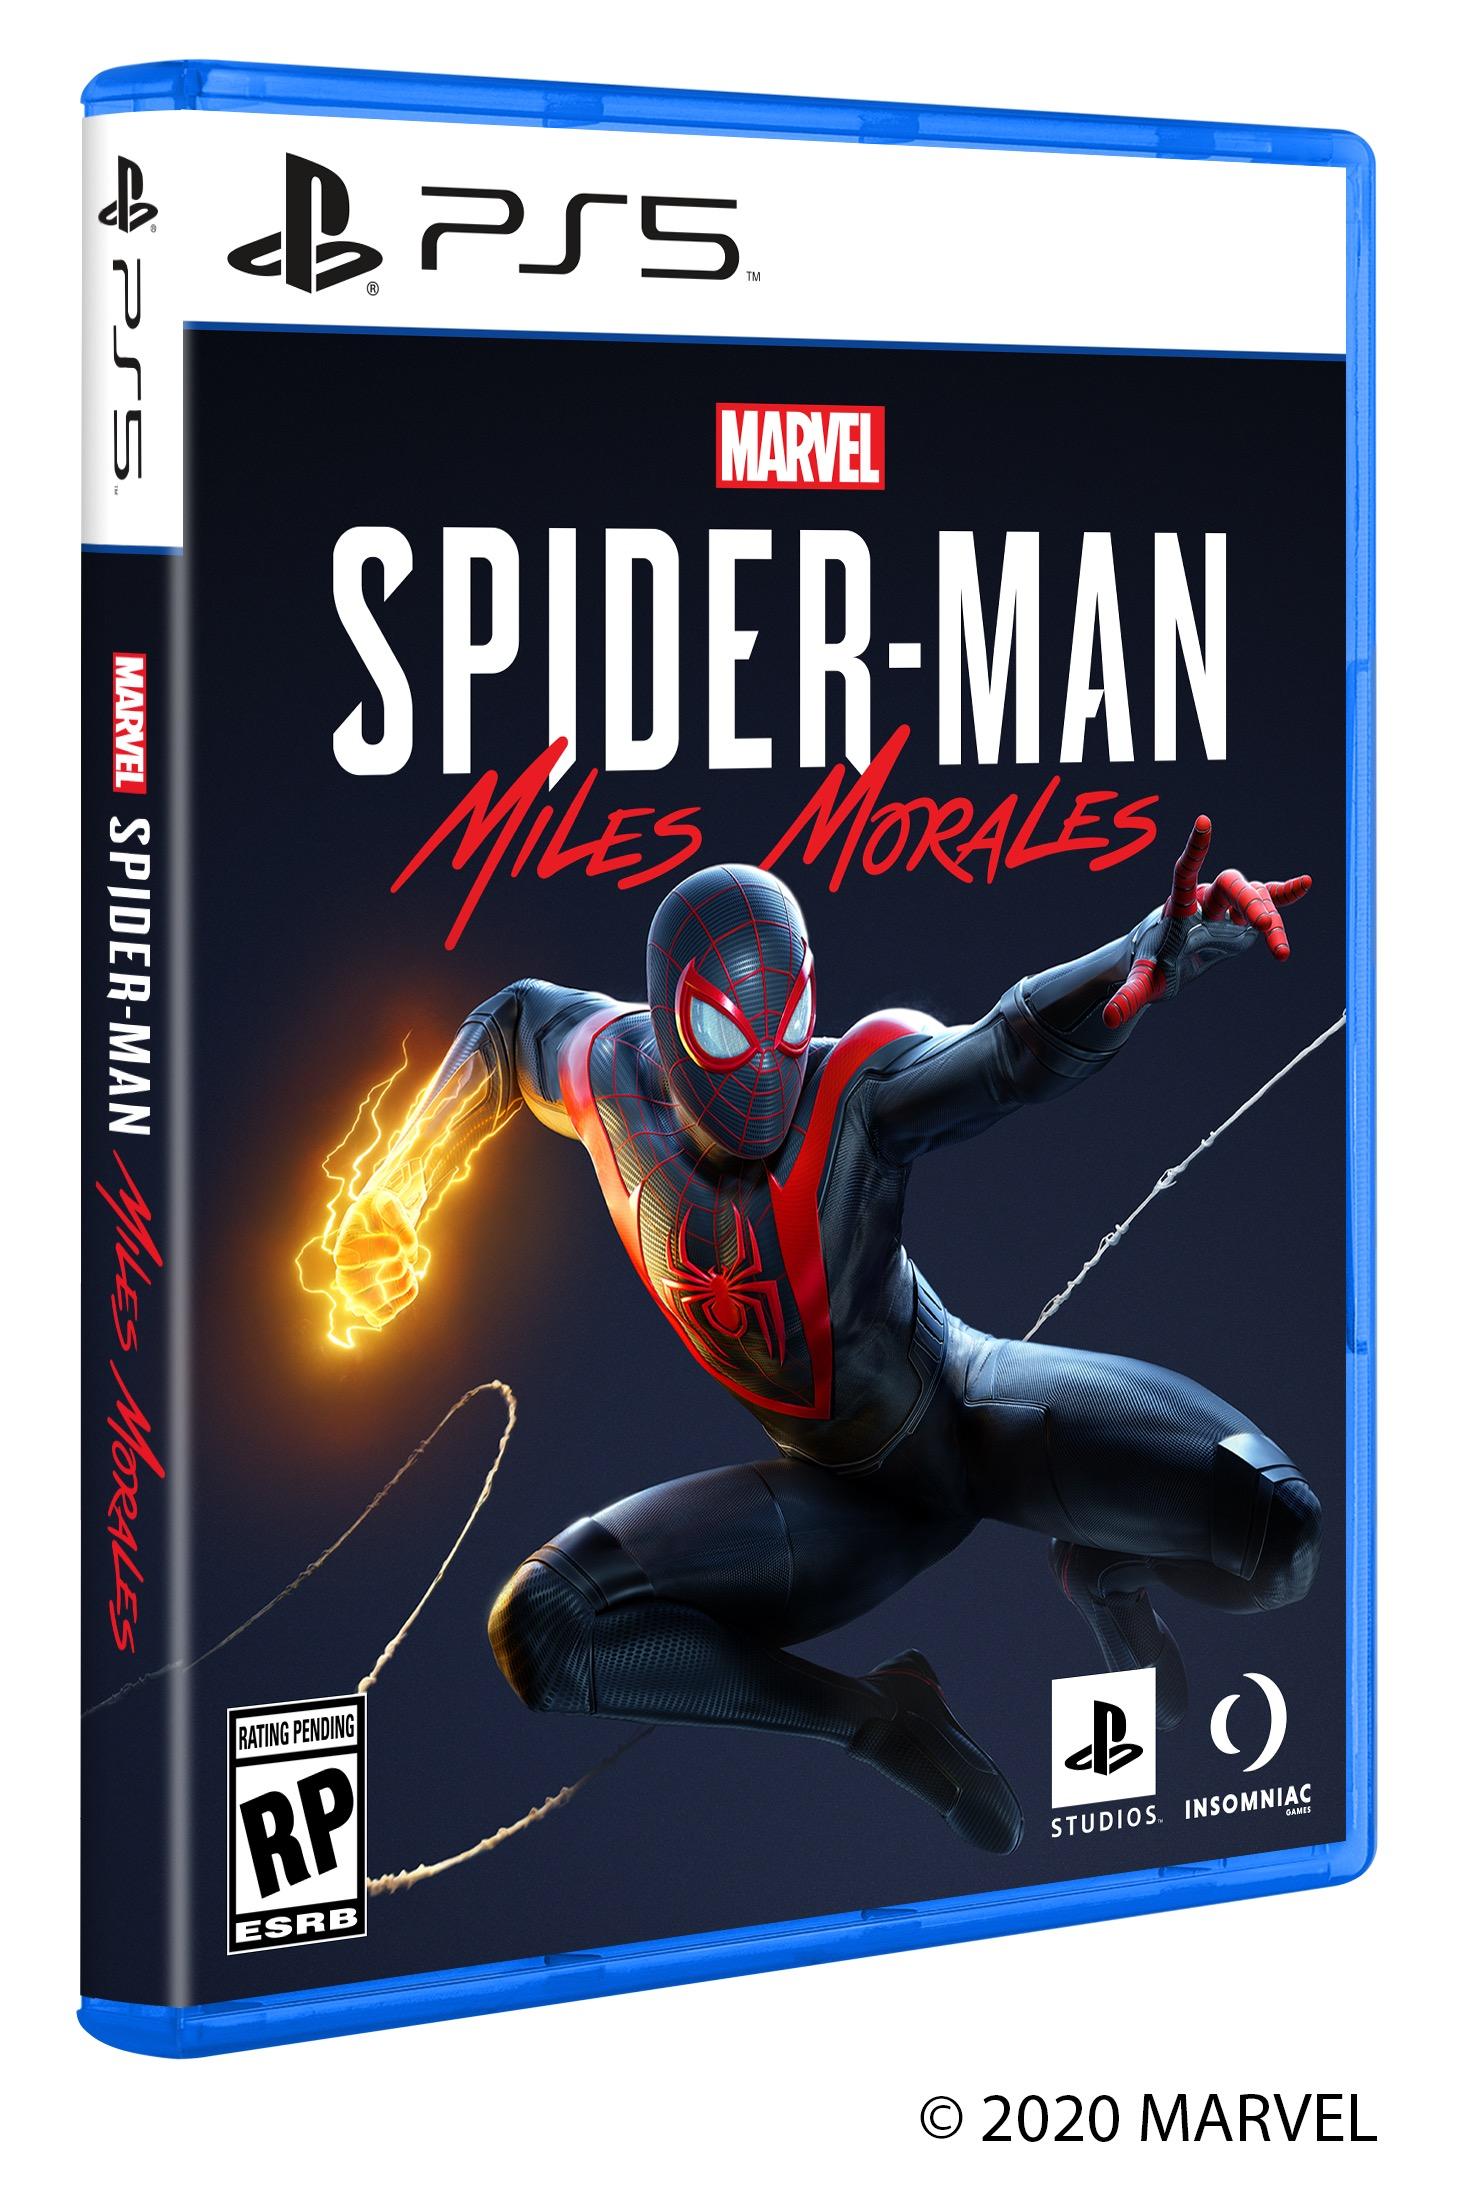 索尼PS5实体游戏封面设计公开 独占标识有所变动